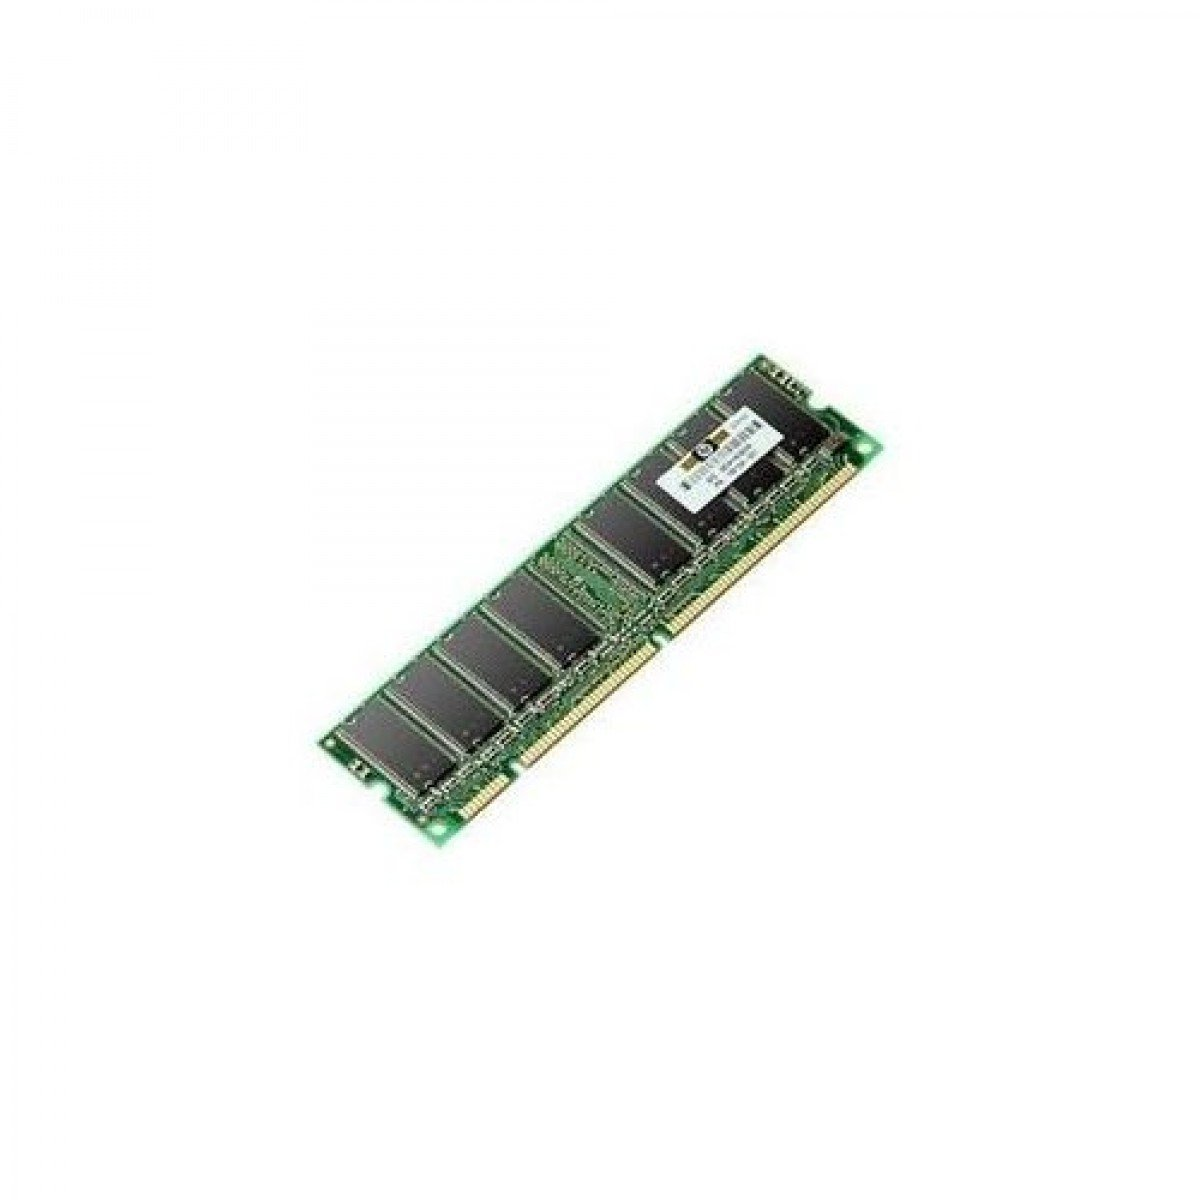 HP 593907-B21 RAM Module - 2 GB - DDR3 SDRAM - 1333MHz DDR3-1333/PC3-10600